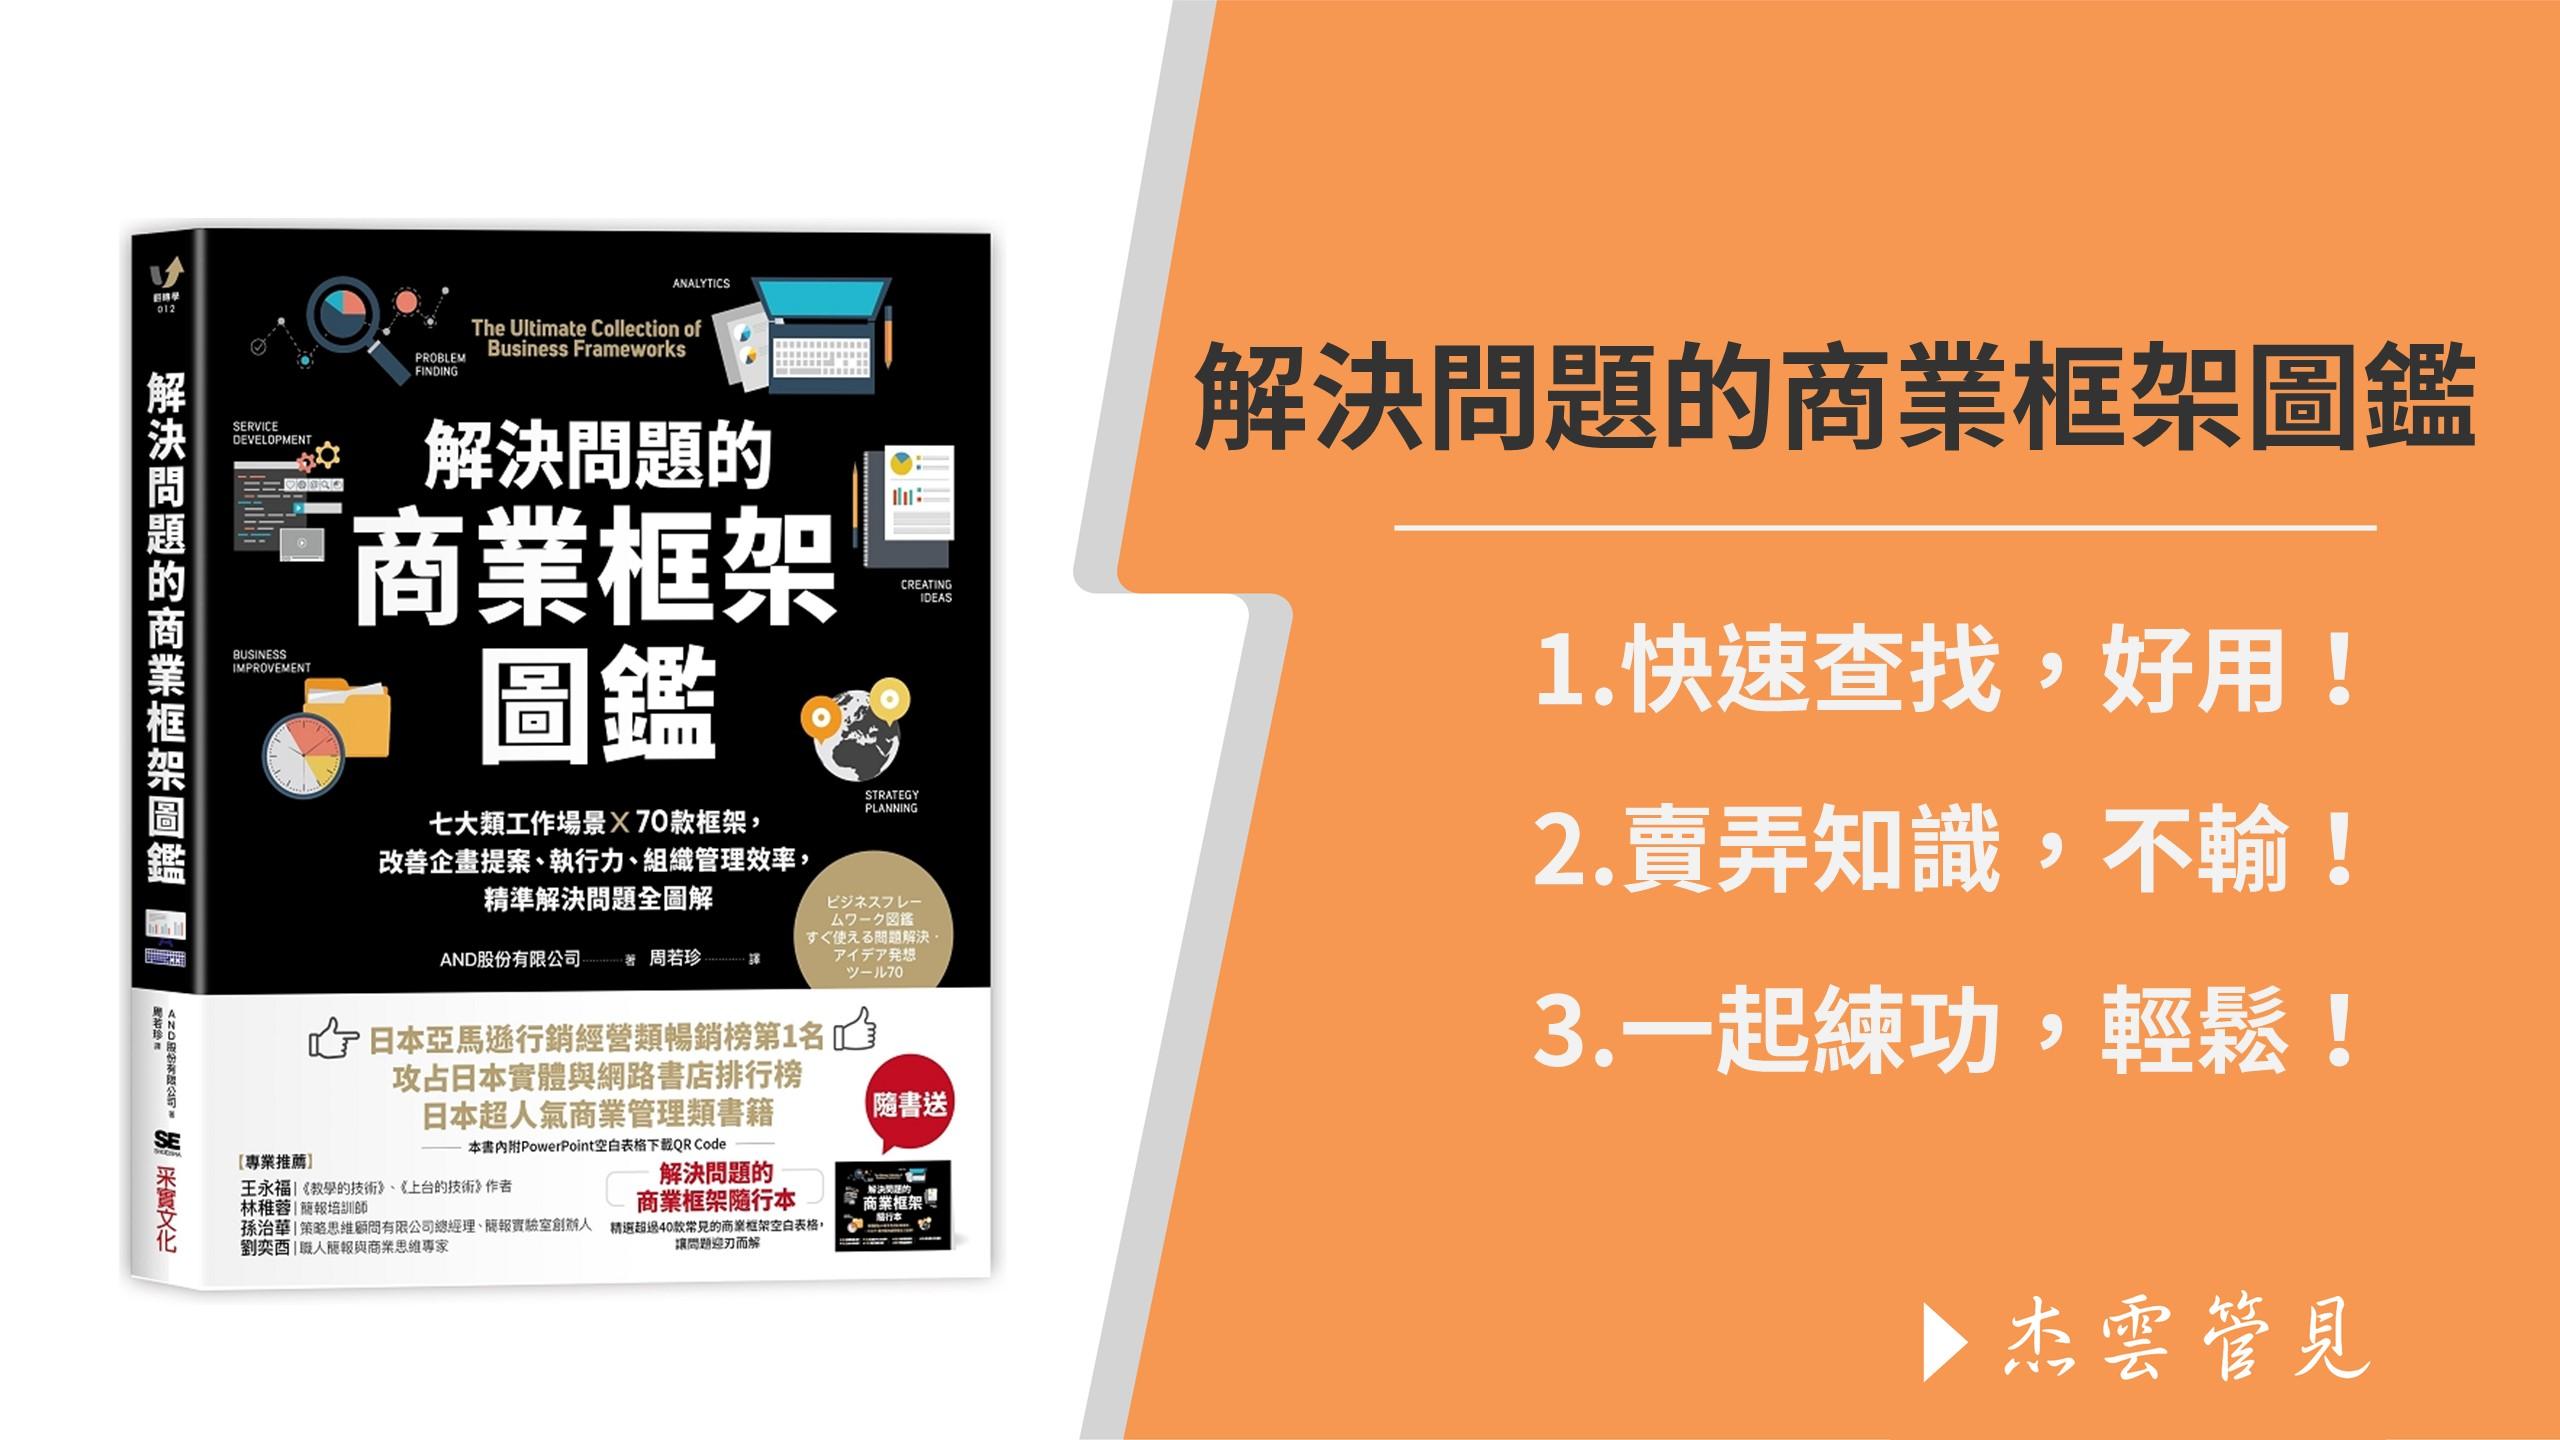 職場必備的工具書《解決問題的商業框架圖鑑》│書評